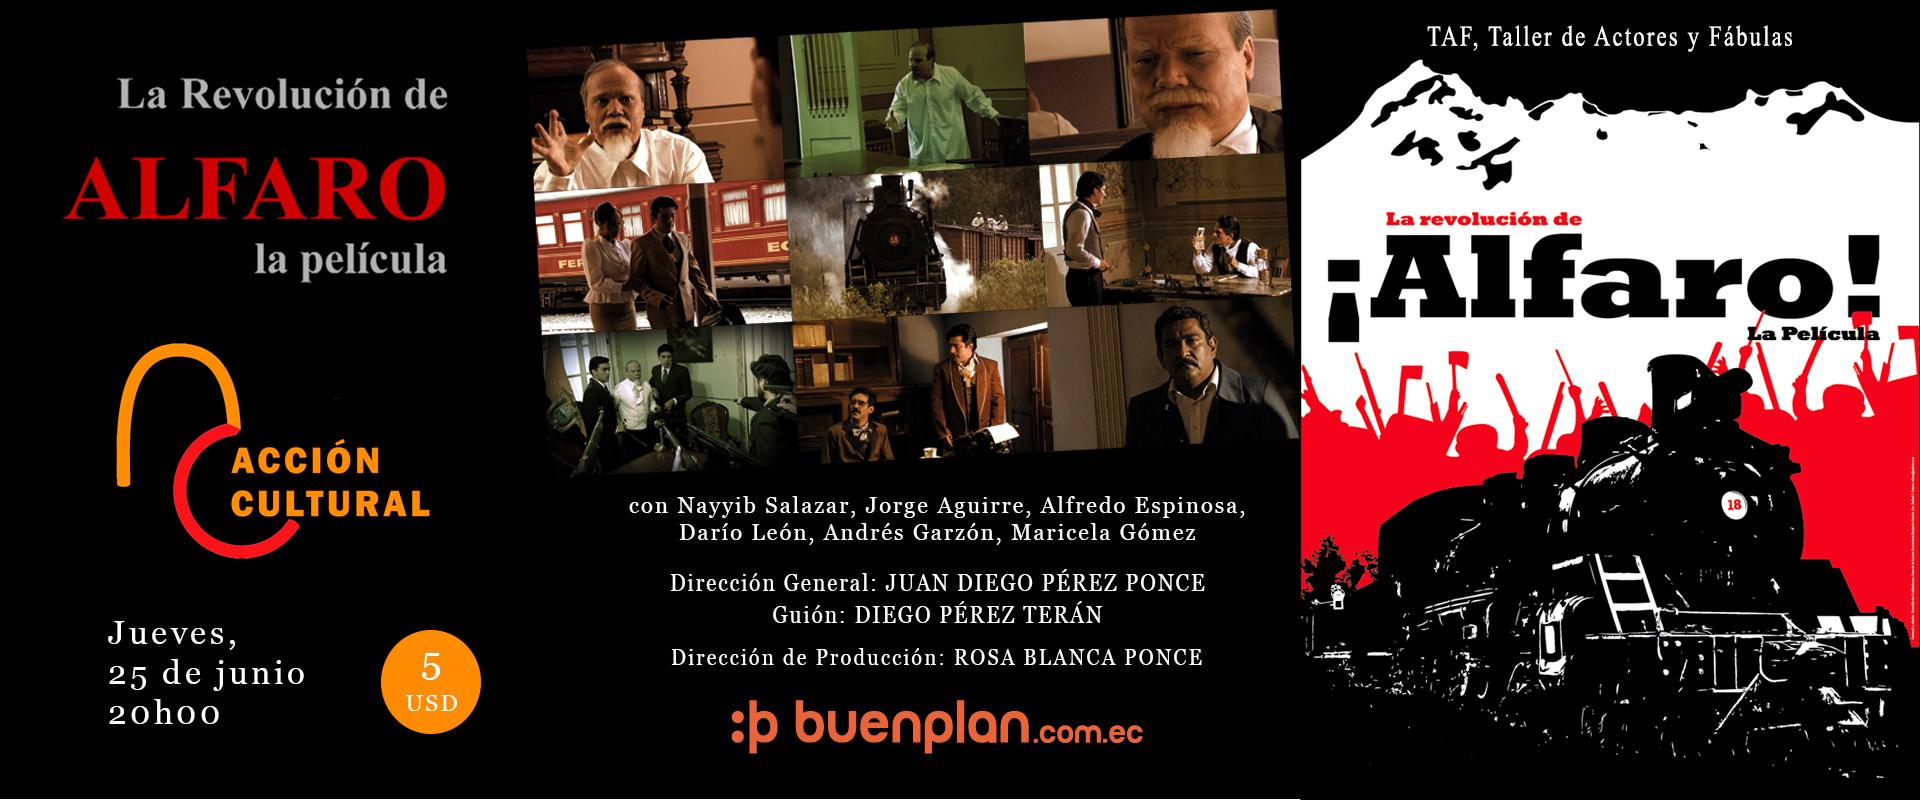 La Revolución de ALFARO, la película en , BuenPlan